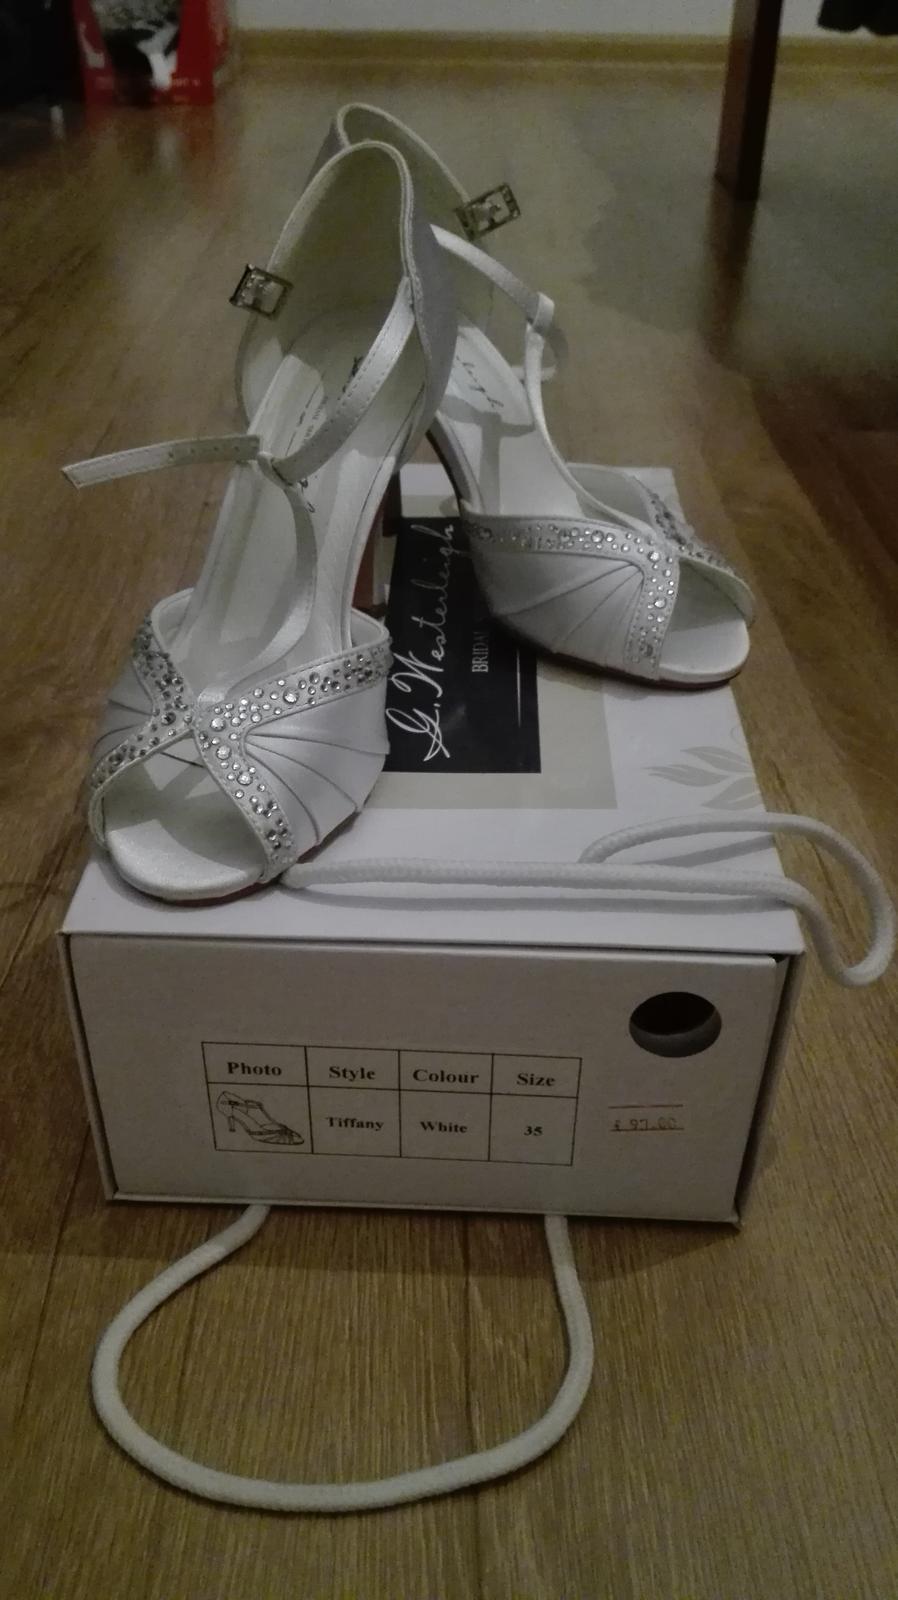 Svadobne topánky Tiffany, G. Westerleigh - Obrázok č. 1